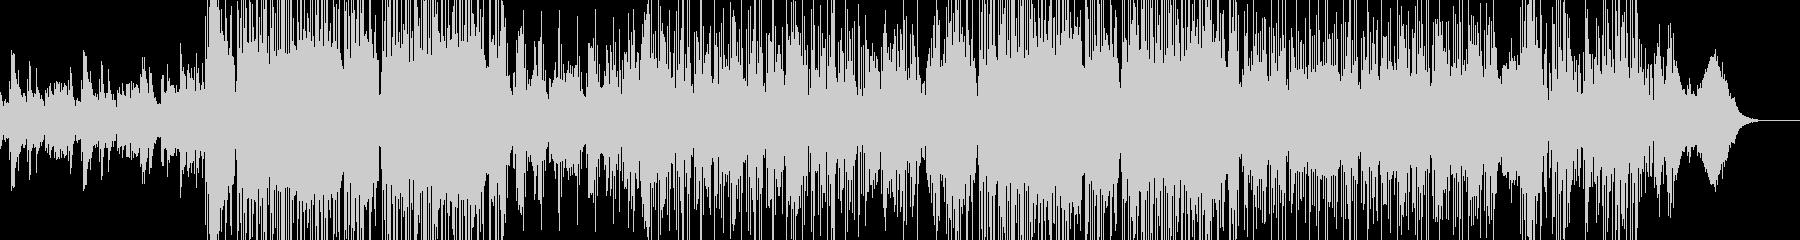 悲壮感漂うピアノメインのインストの未再生の波形